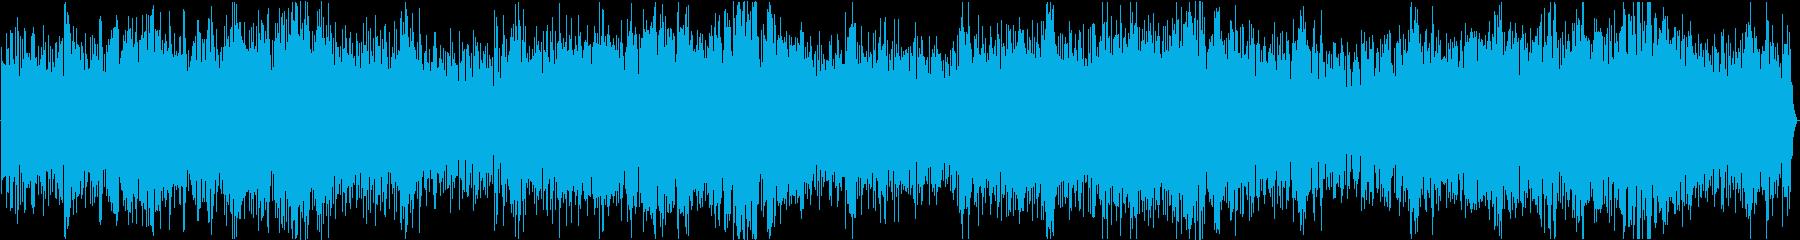 シンセサイザーとオーケストラ緊迫系の楽曲の再生済みの波形